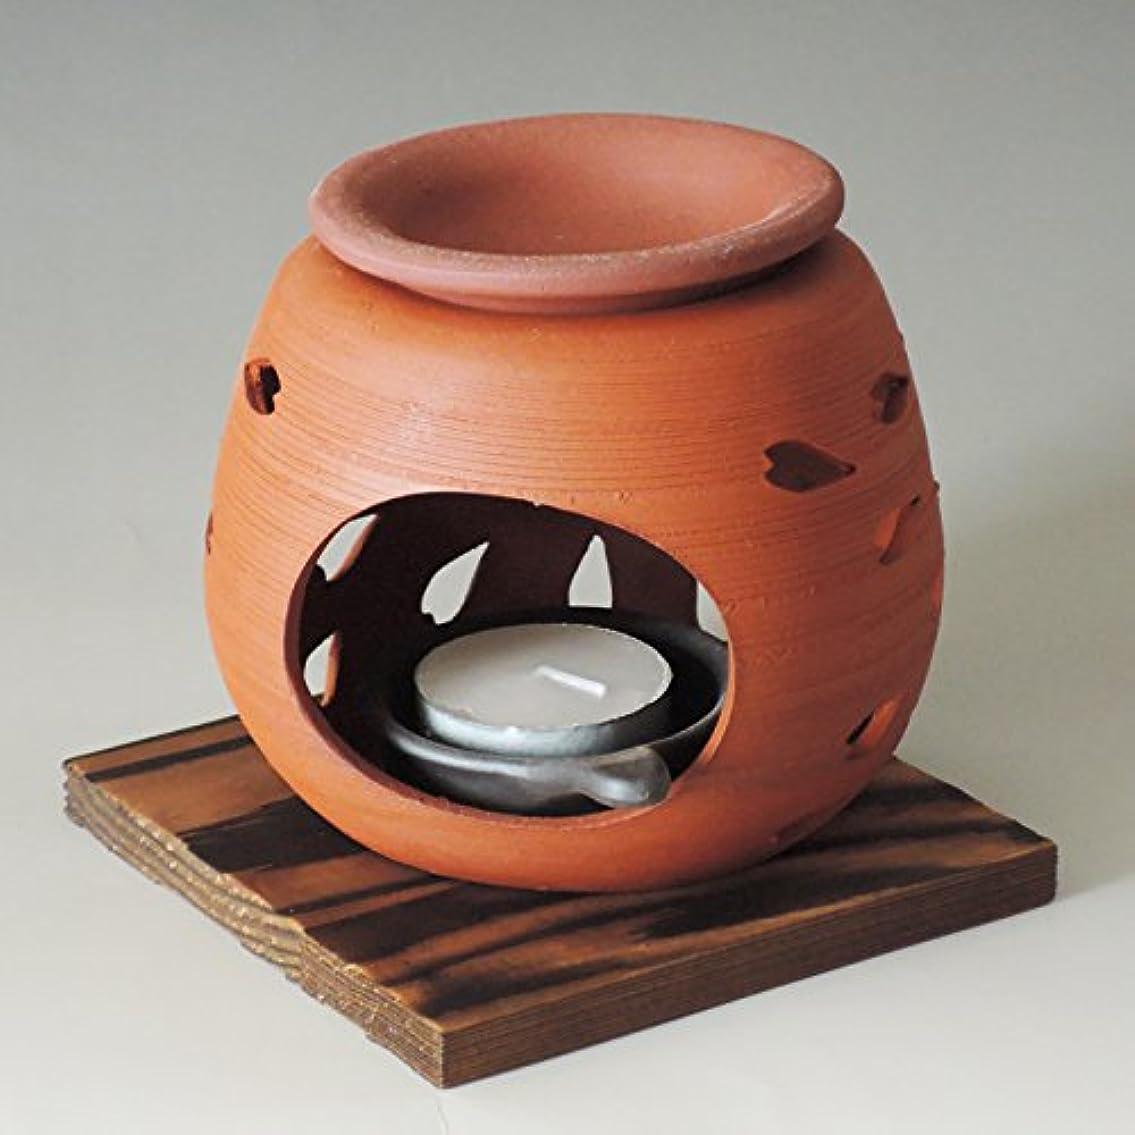 アートファン場所茶香炉 常滑焼 石龍作「花びら」川本屋茶舗